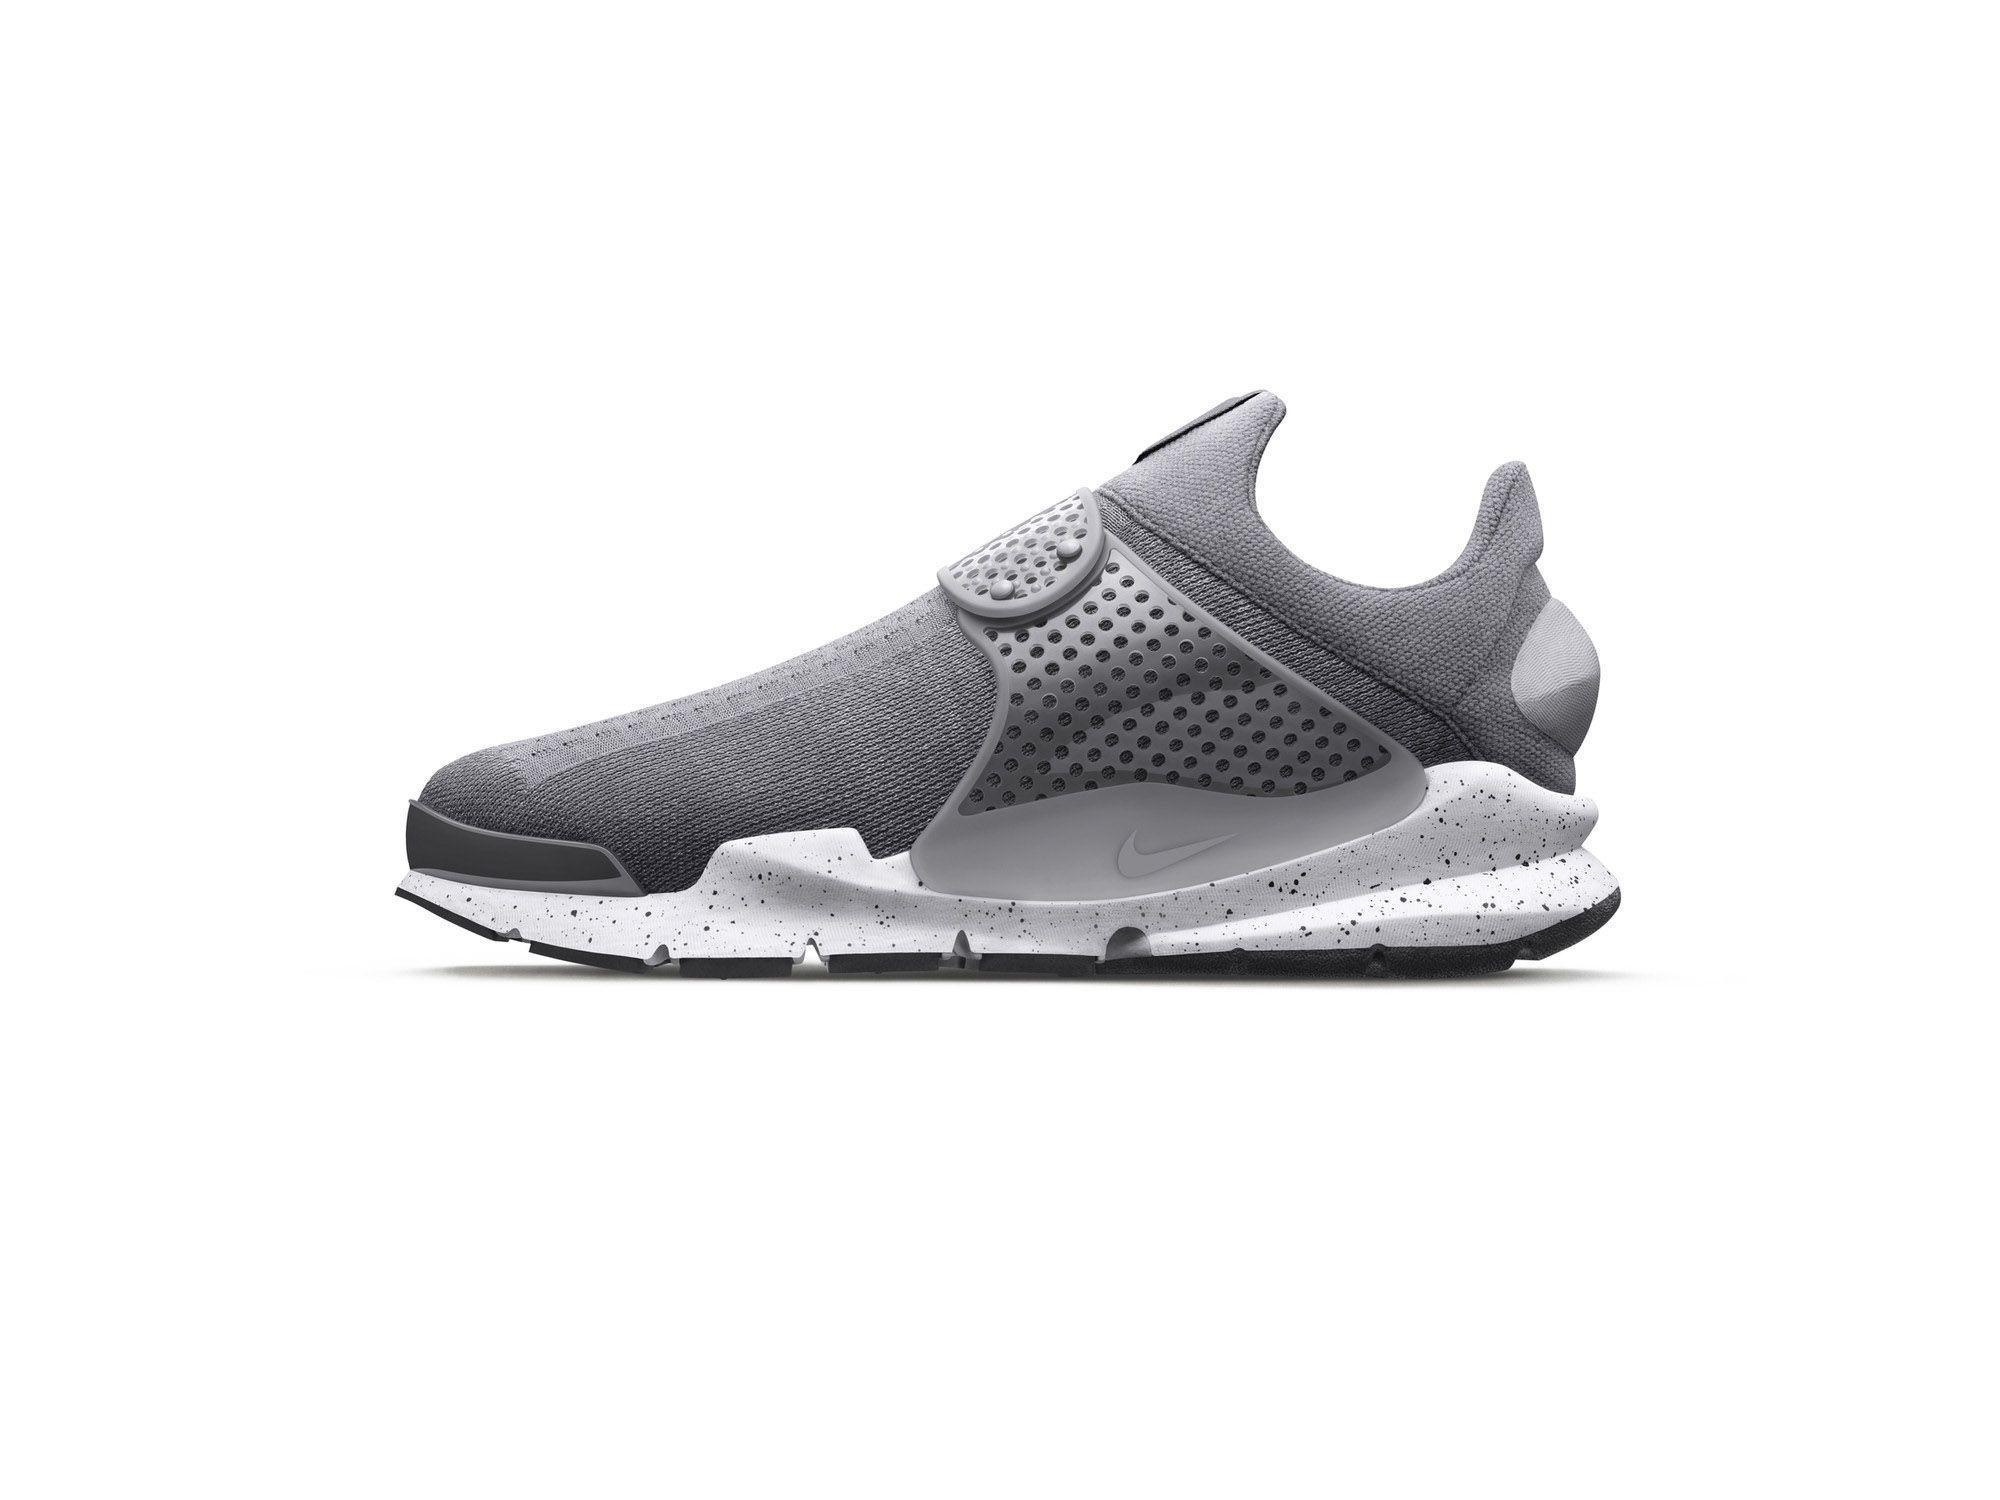 Nike Sportswear – International Kollektion, #AirPresto